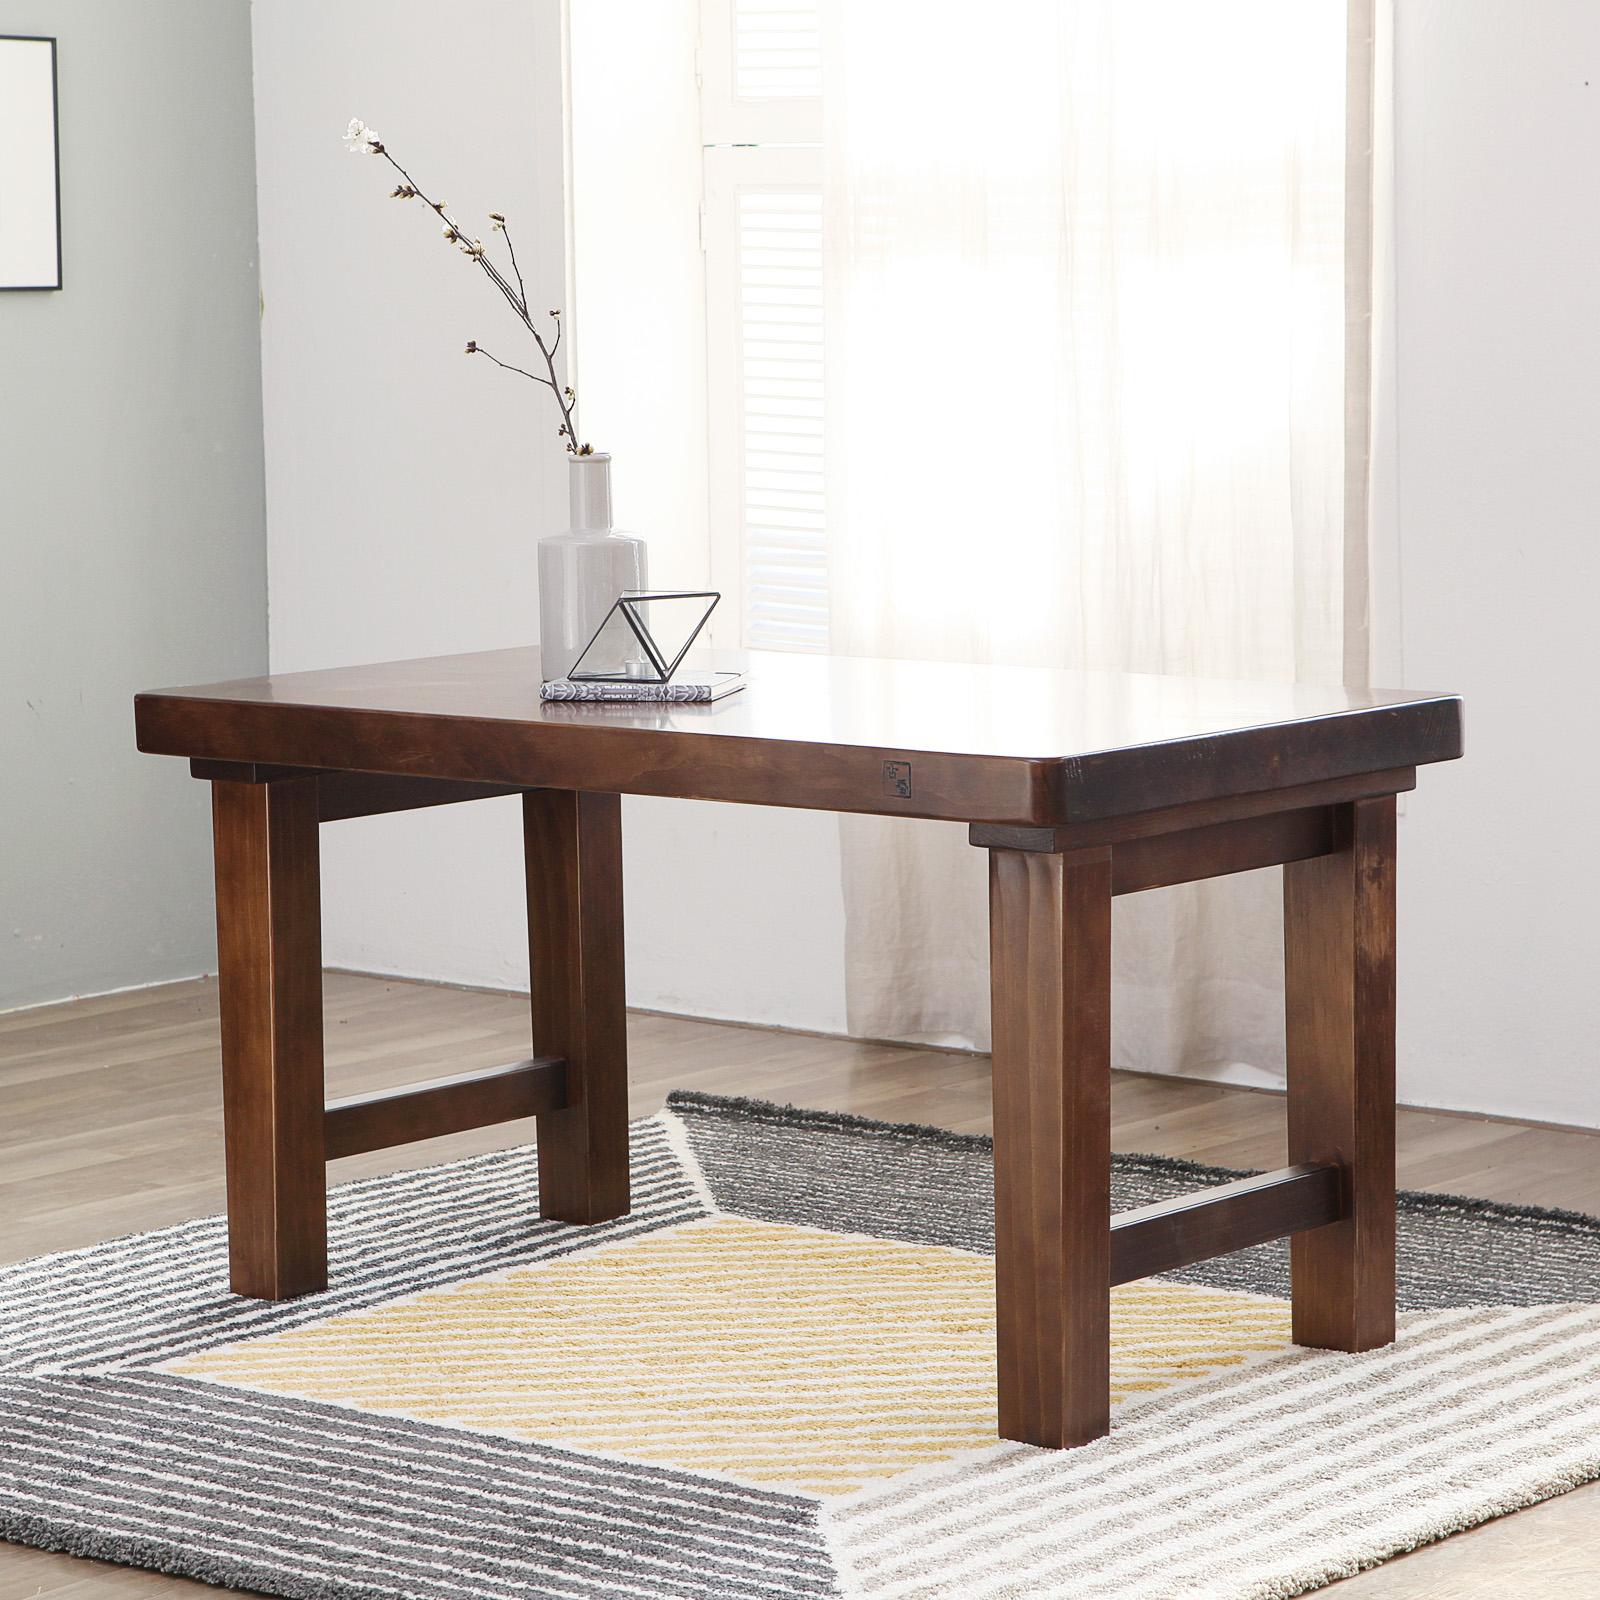 해찬솔원목이야기 소나무 통원목 1200테이블(4인용식탁 테이블) 우드슬랩 원목식탁테이블, 엔틱브라운